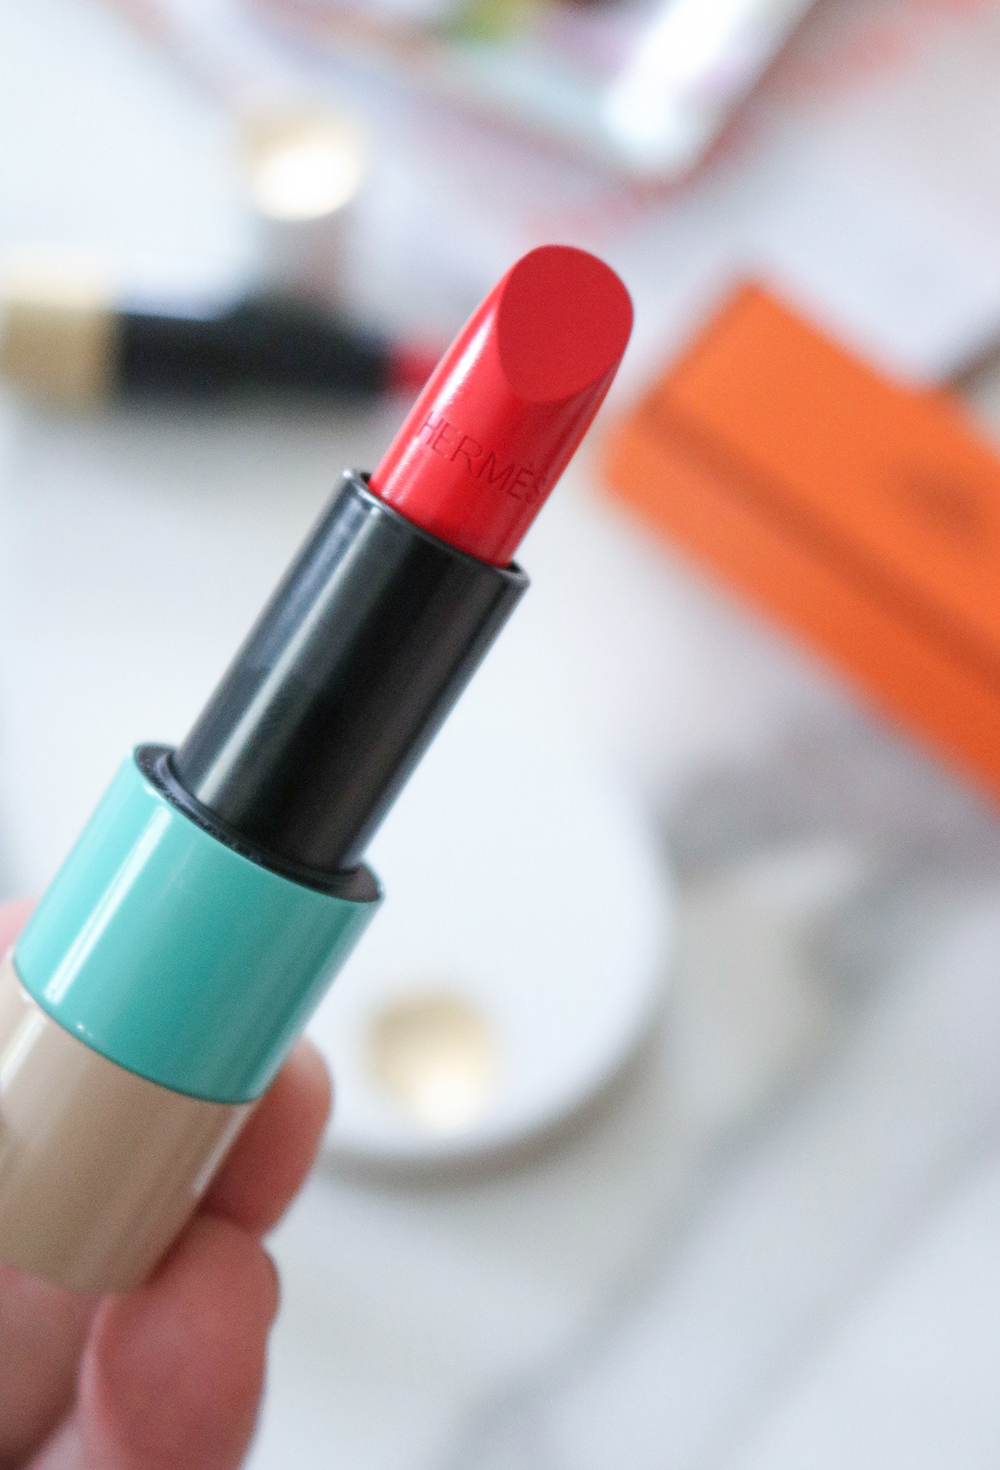 Hermes Lipstick Review I DreaminLace.com